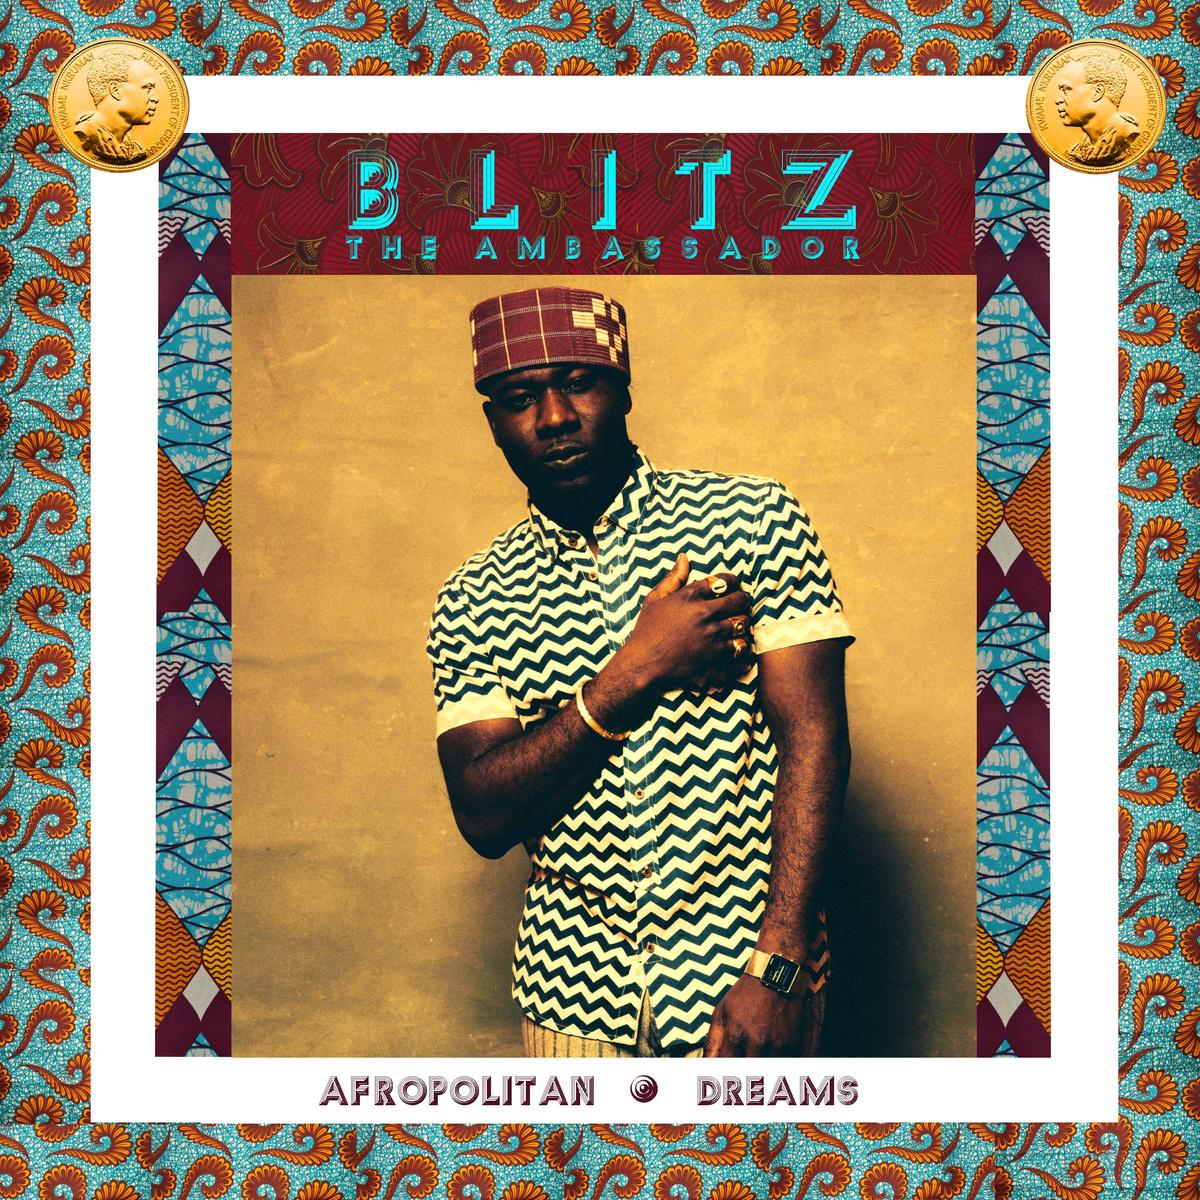 Blitz-Afropolitan_Dreams_cvr.jpg